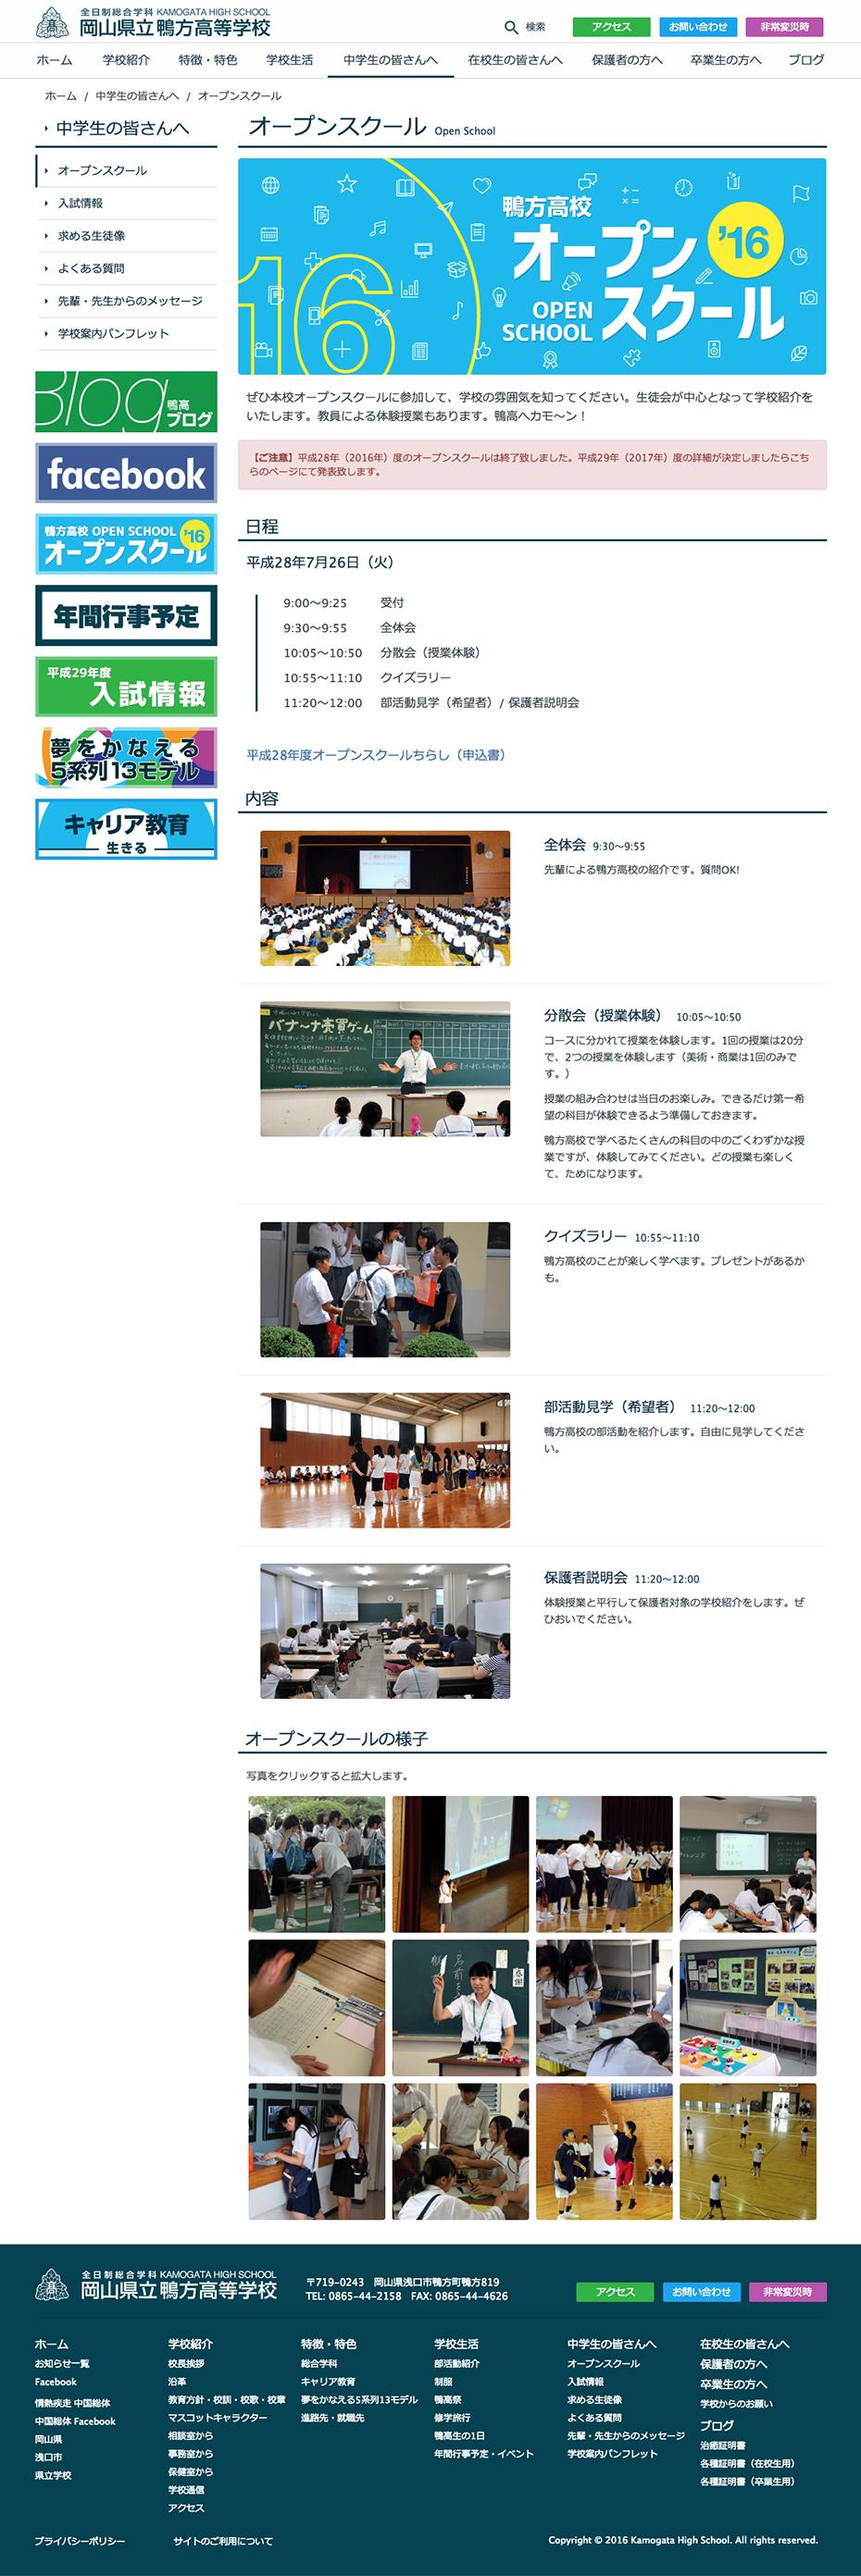 岡山県立鴨方高等学校様 ホームページ オープンスクール